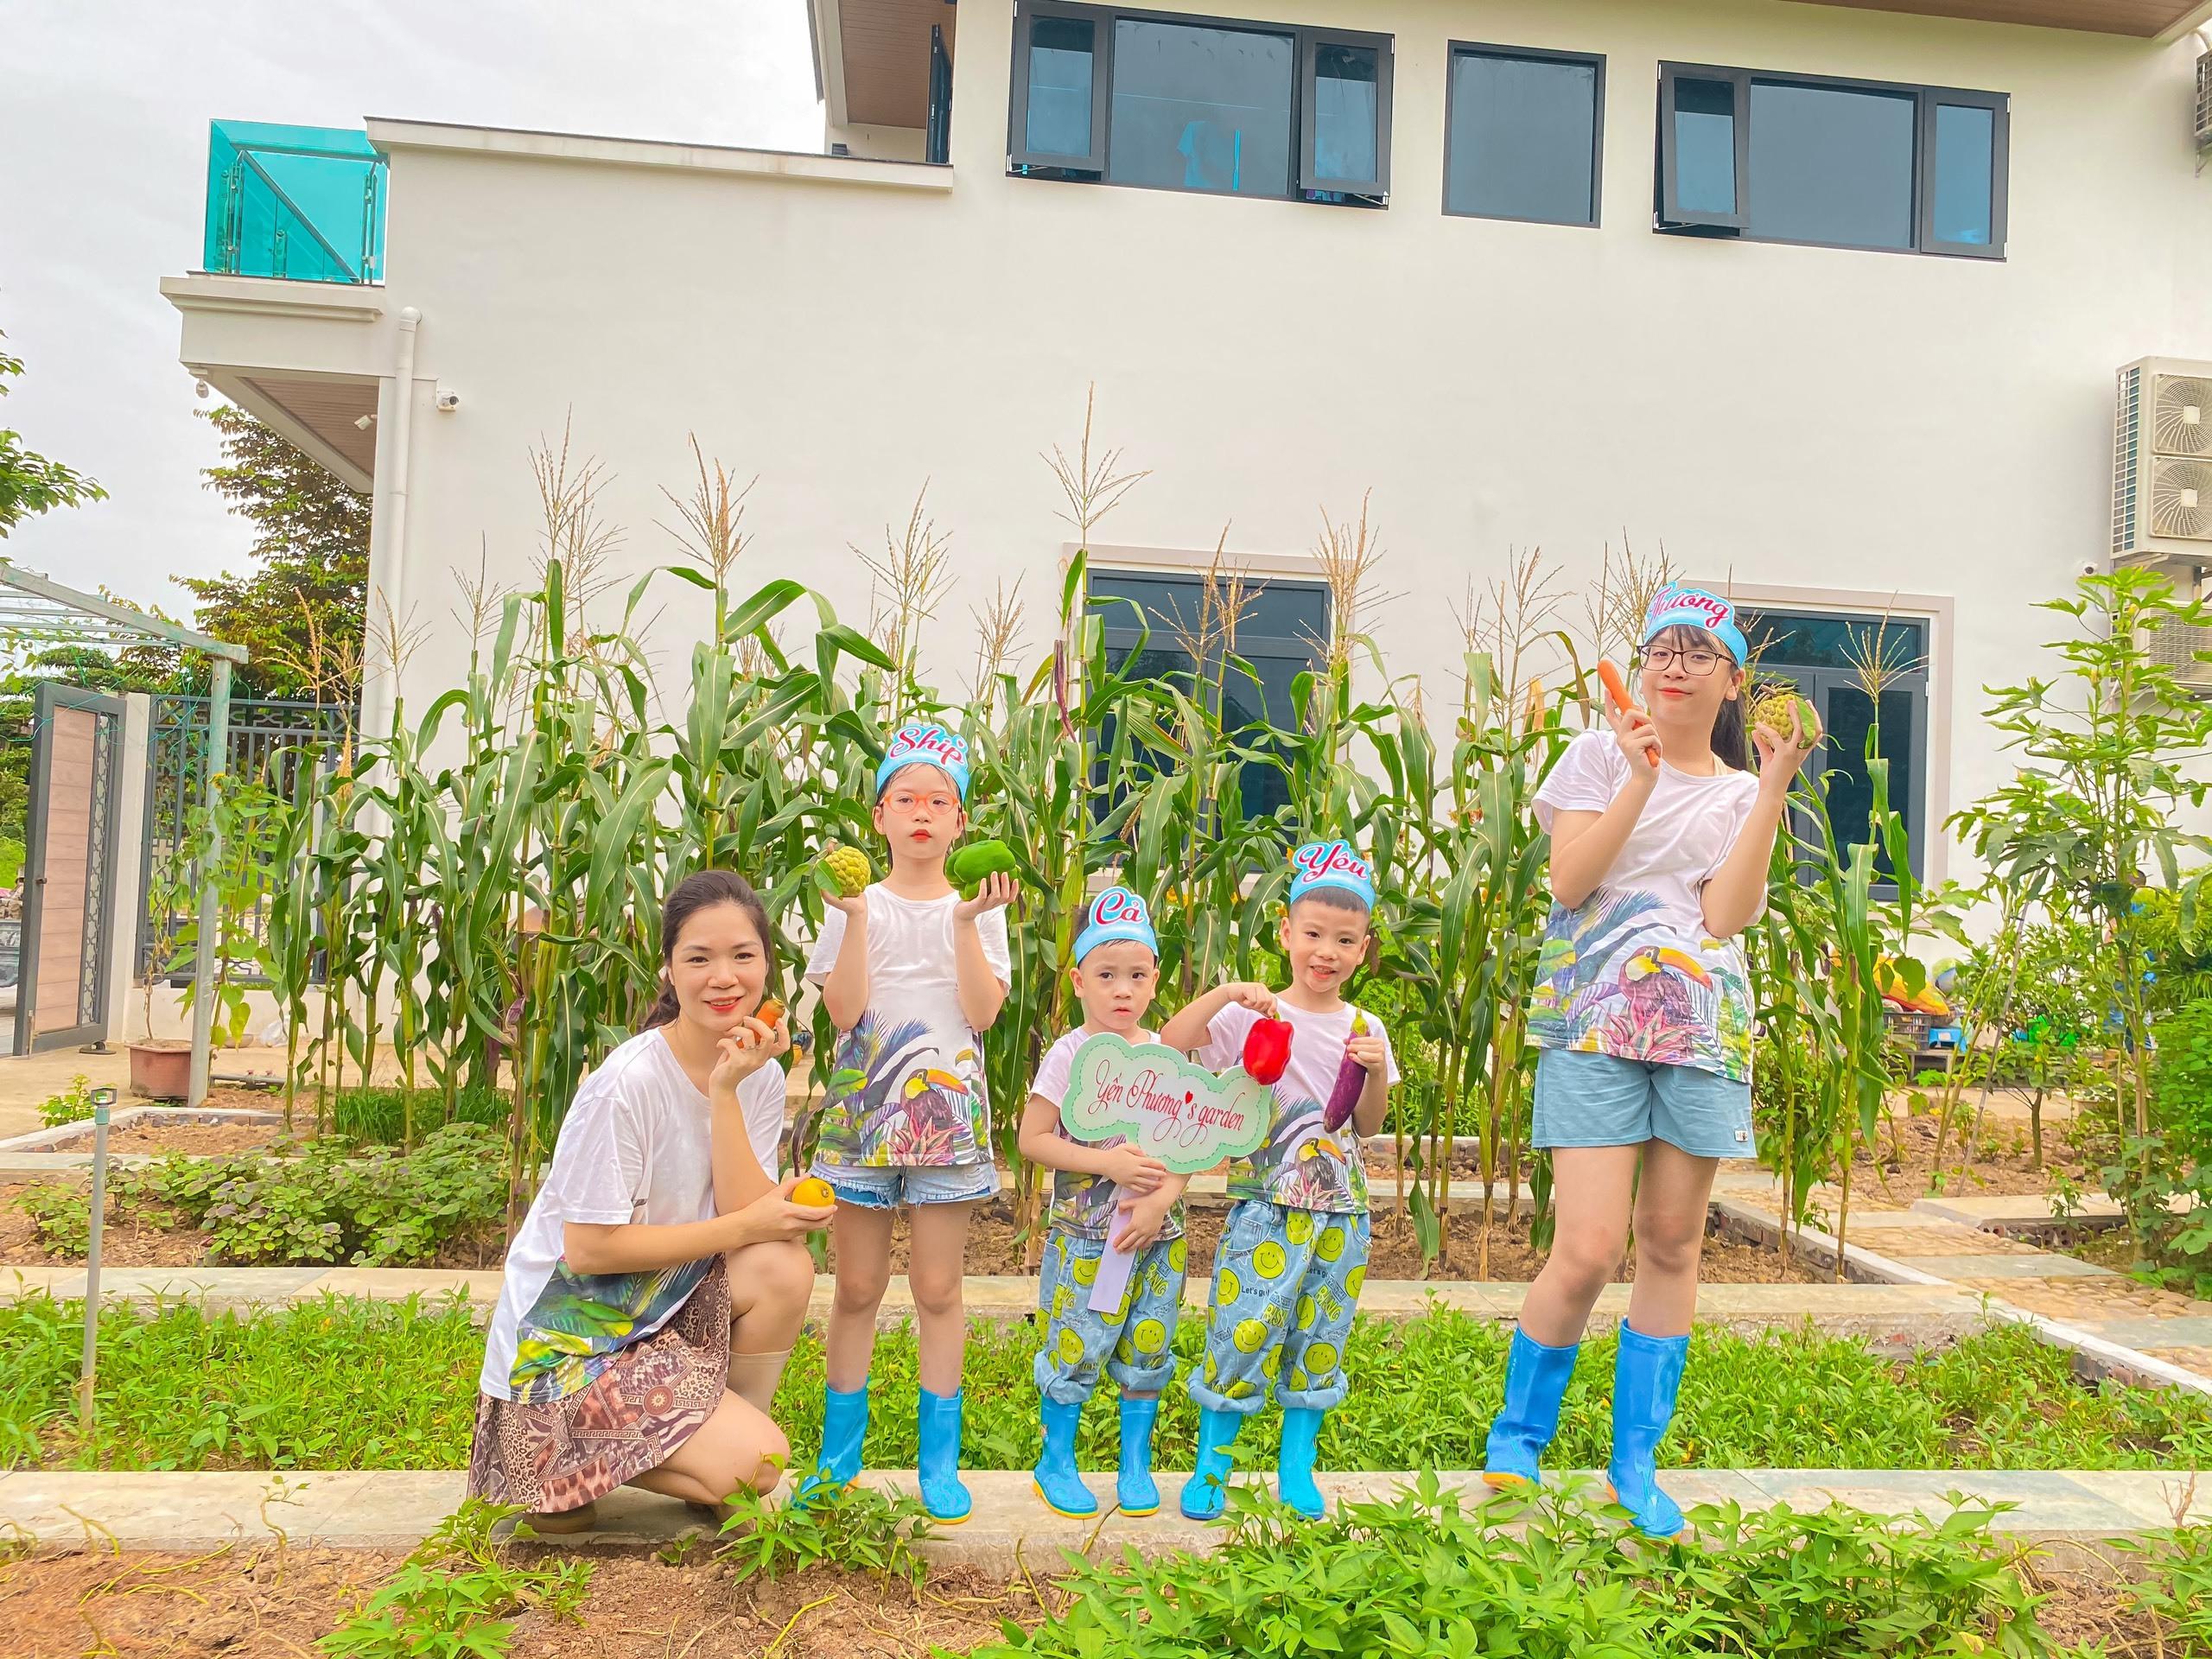 Mẹ biến 300 m2 vườn thành khu du lịch, 'mở tour 0 đồng' cho 4 con mùa dịch